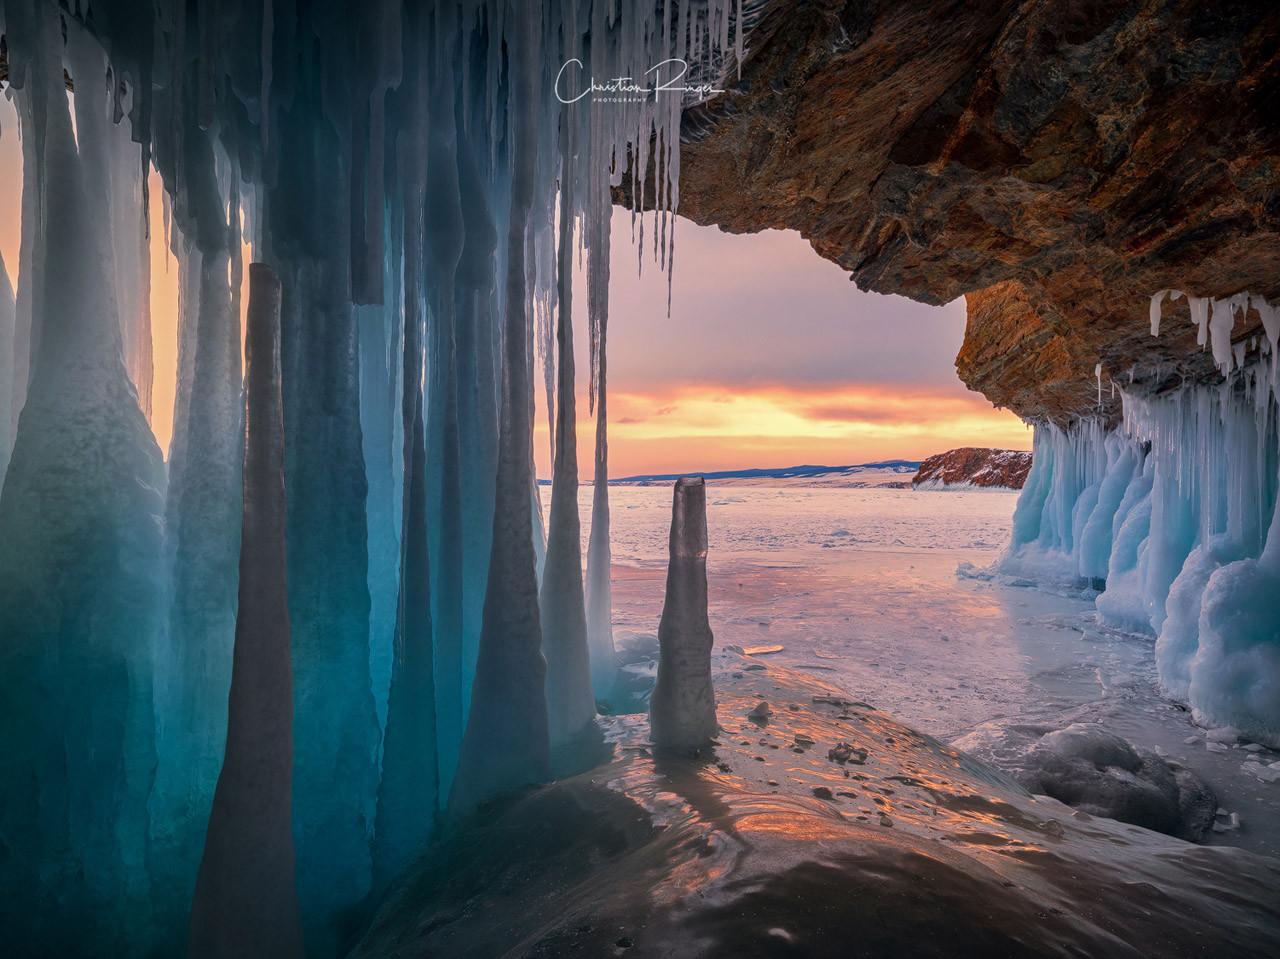 Icecave-Lake-Baikal-Christian-Ringer.jpg